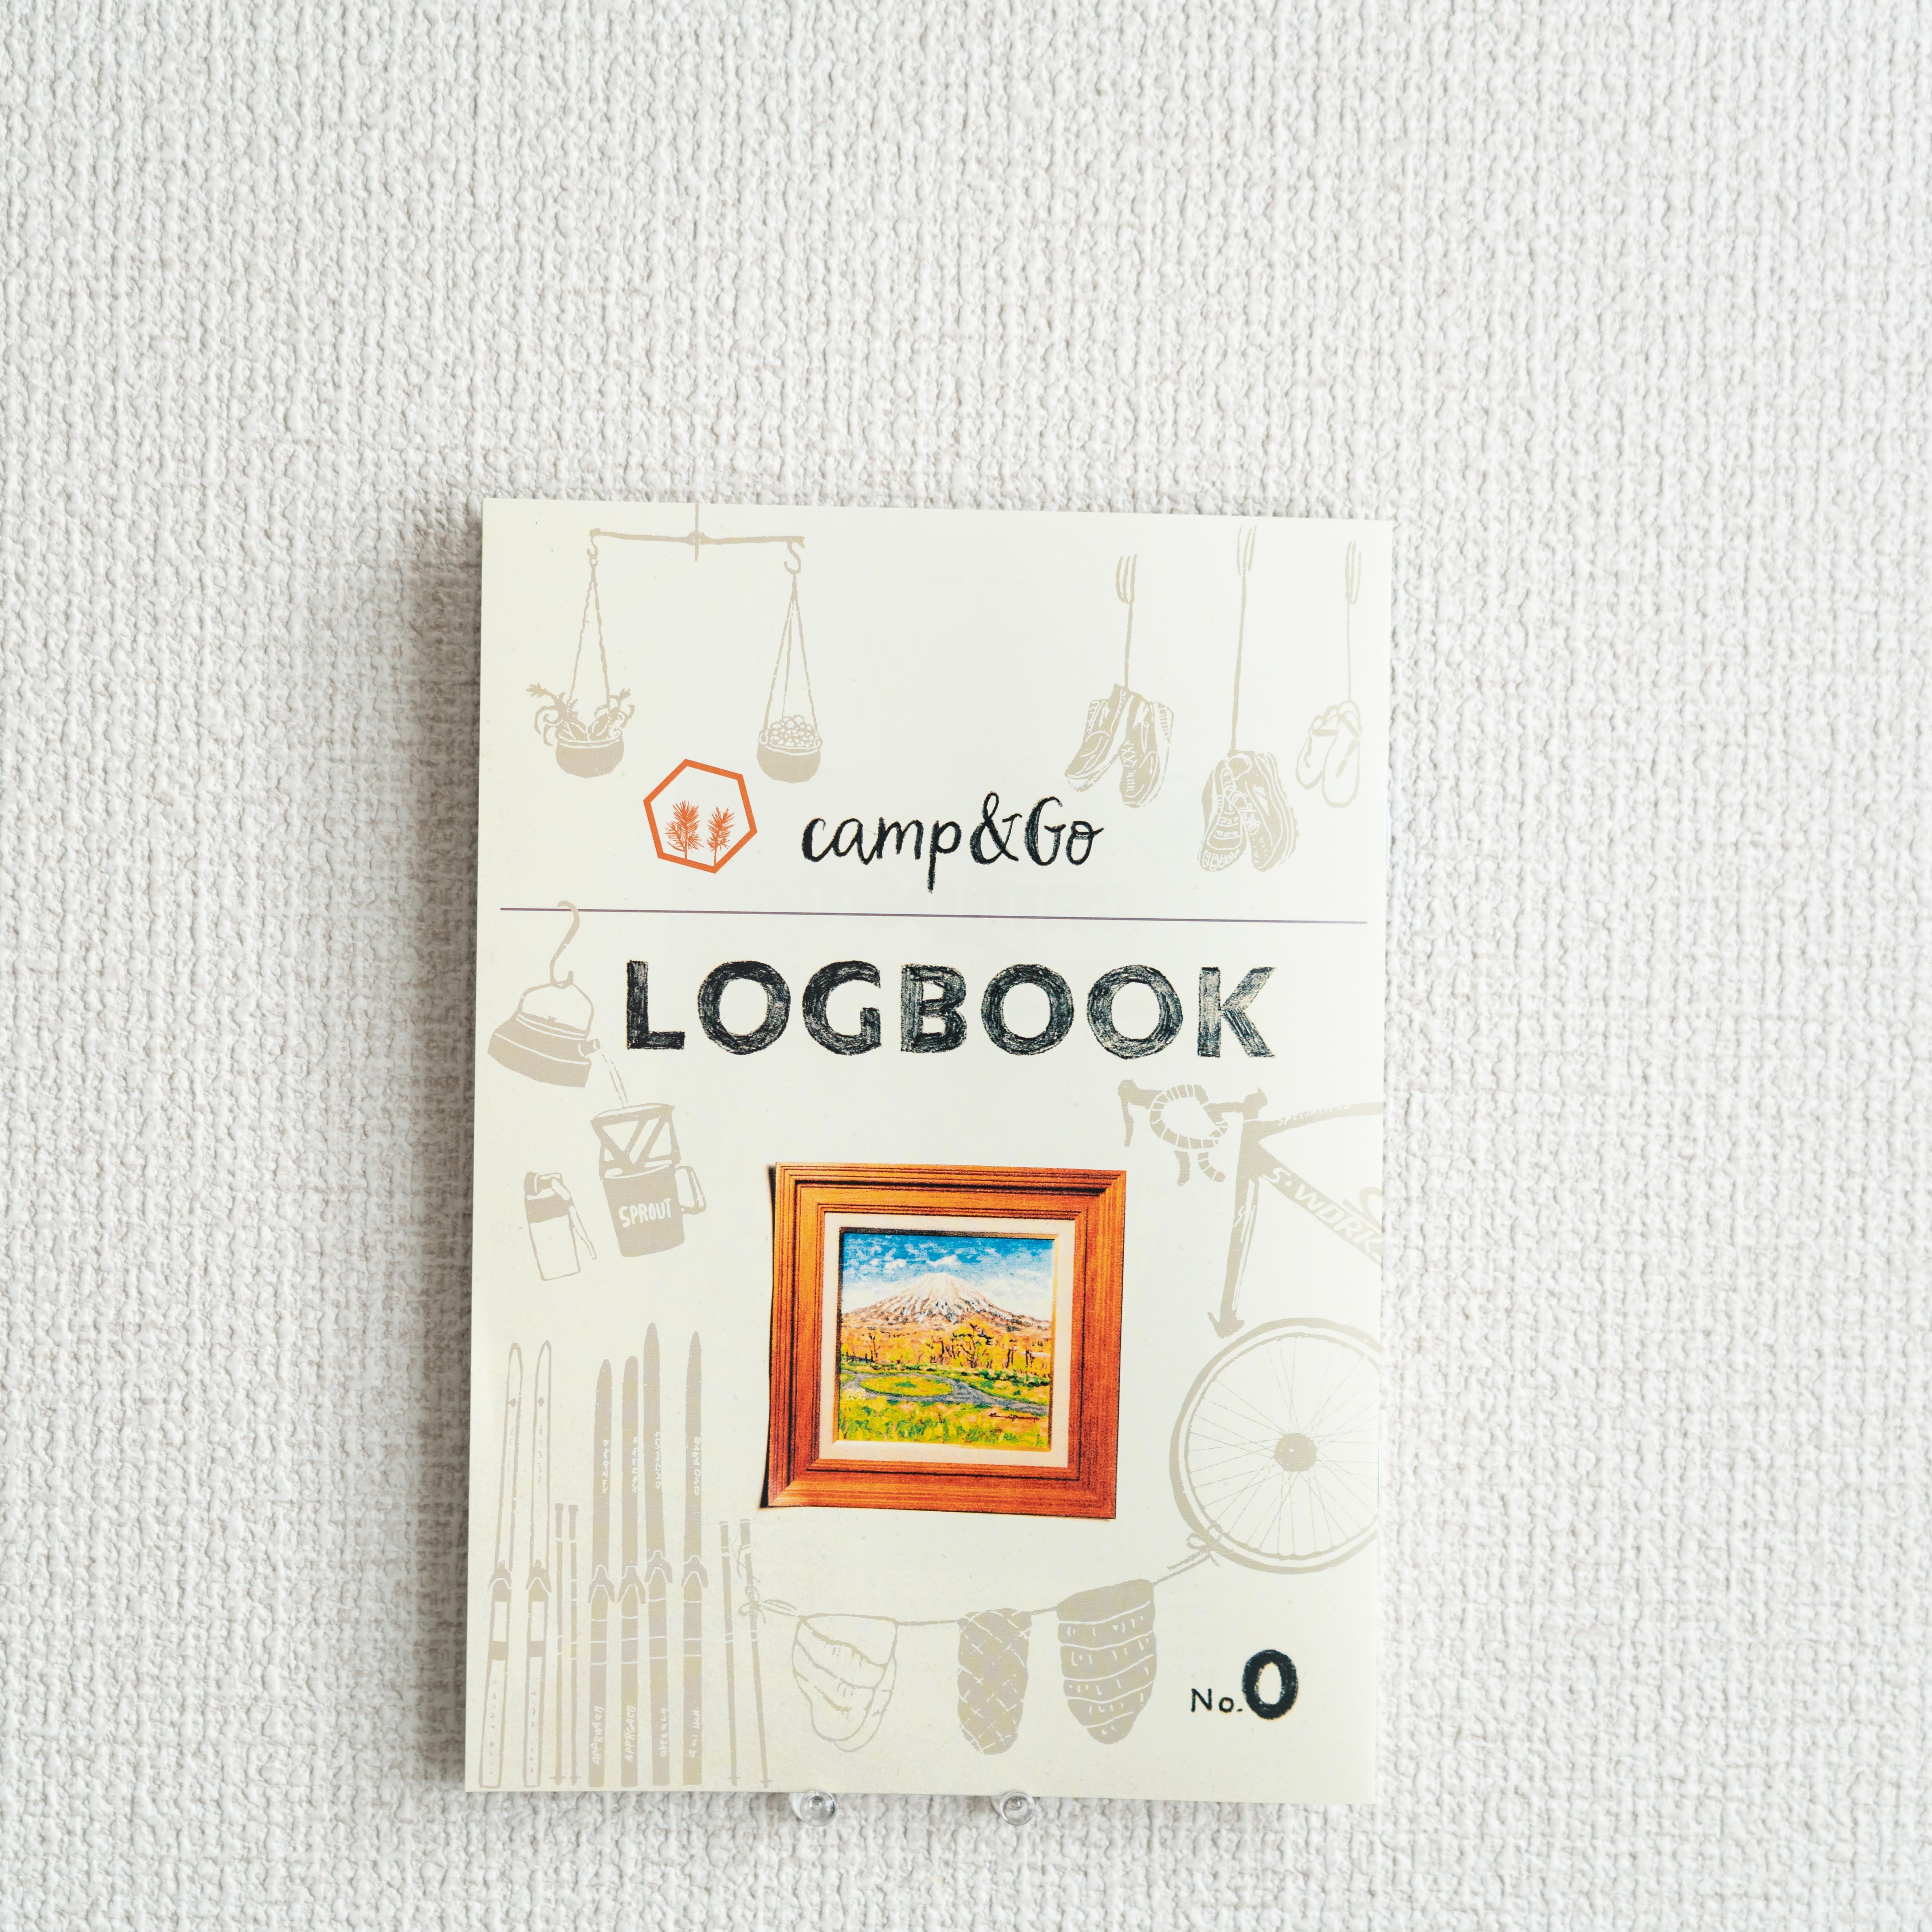 スノーリゾート、北海道ニセコを150%楽しむための場所!Camp&Go LOGBOOK vol.0